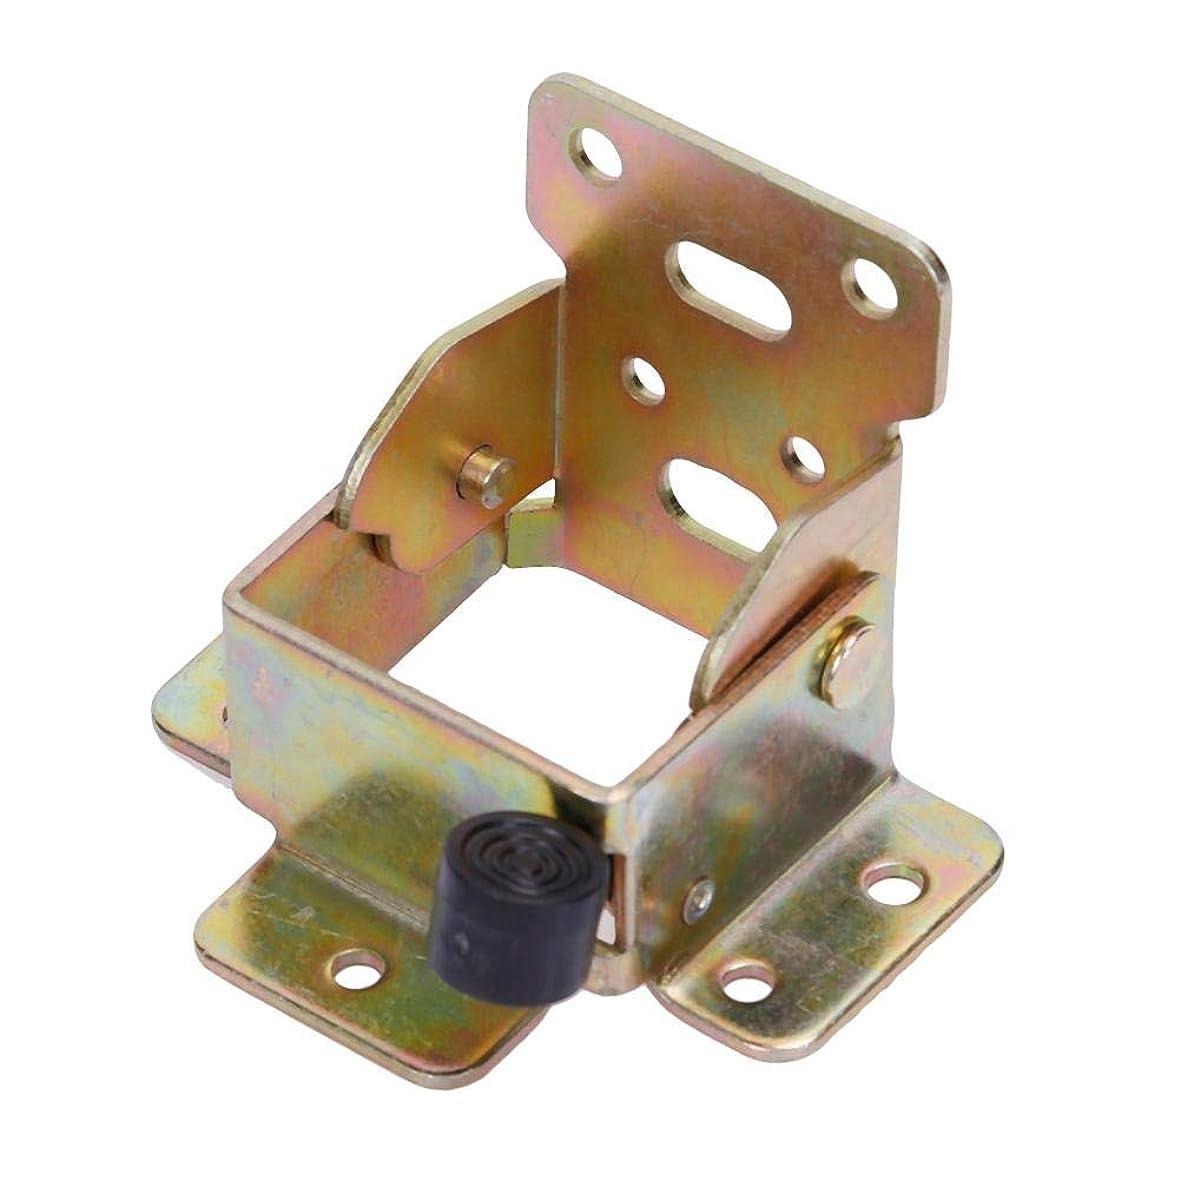 旅トマト真鍮鉄の折りたたみテーブル脚ブラケットデスクチェアフィートエクステンション家具ヒンジ